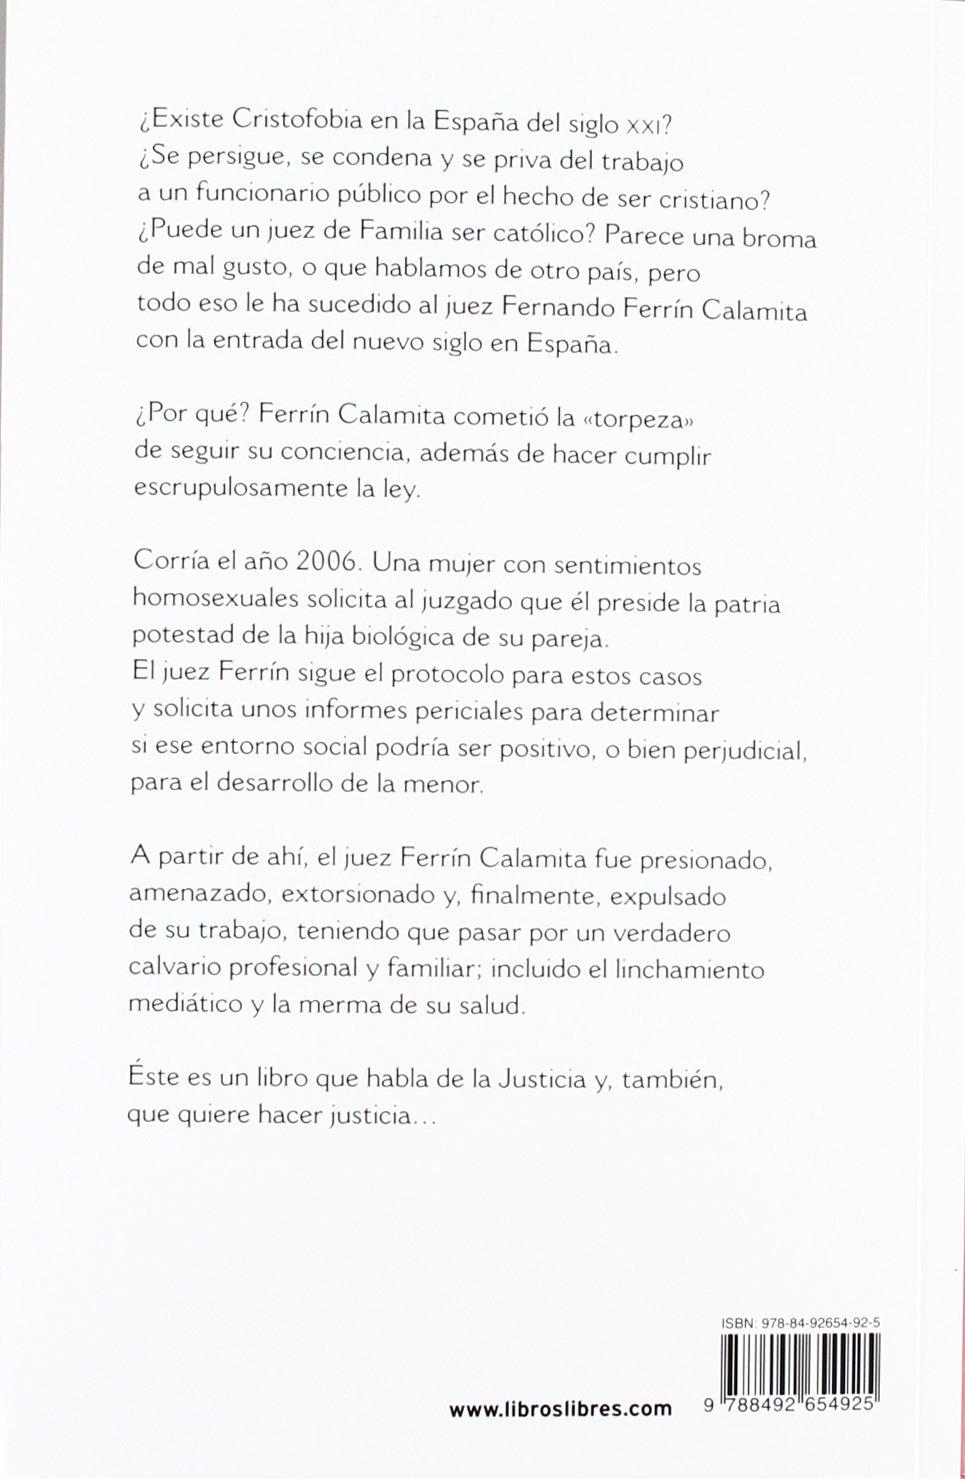 Yo, víctima de la cristofobia: El calvario de un juez católico por cumplir la ley en España LibrosLibres: Amazon.es: Ferrín Calamita, Fernando Ferrín: Libros